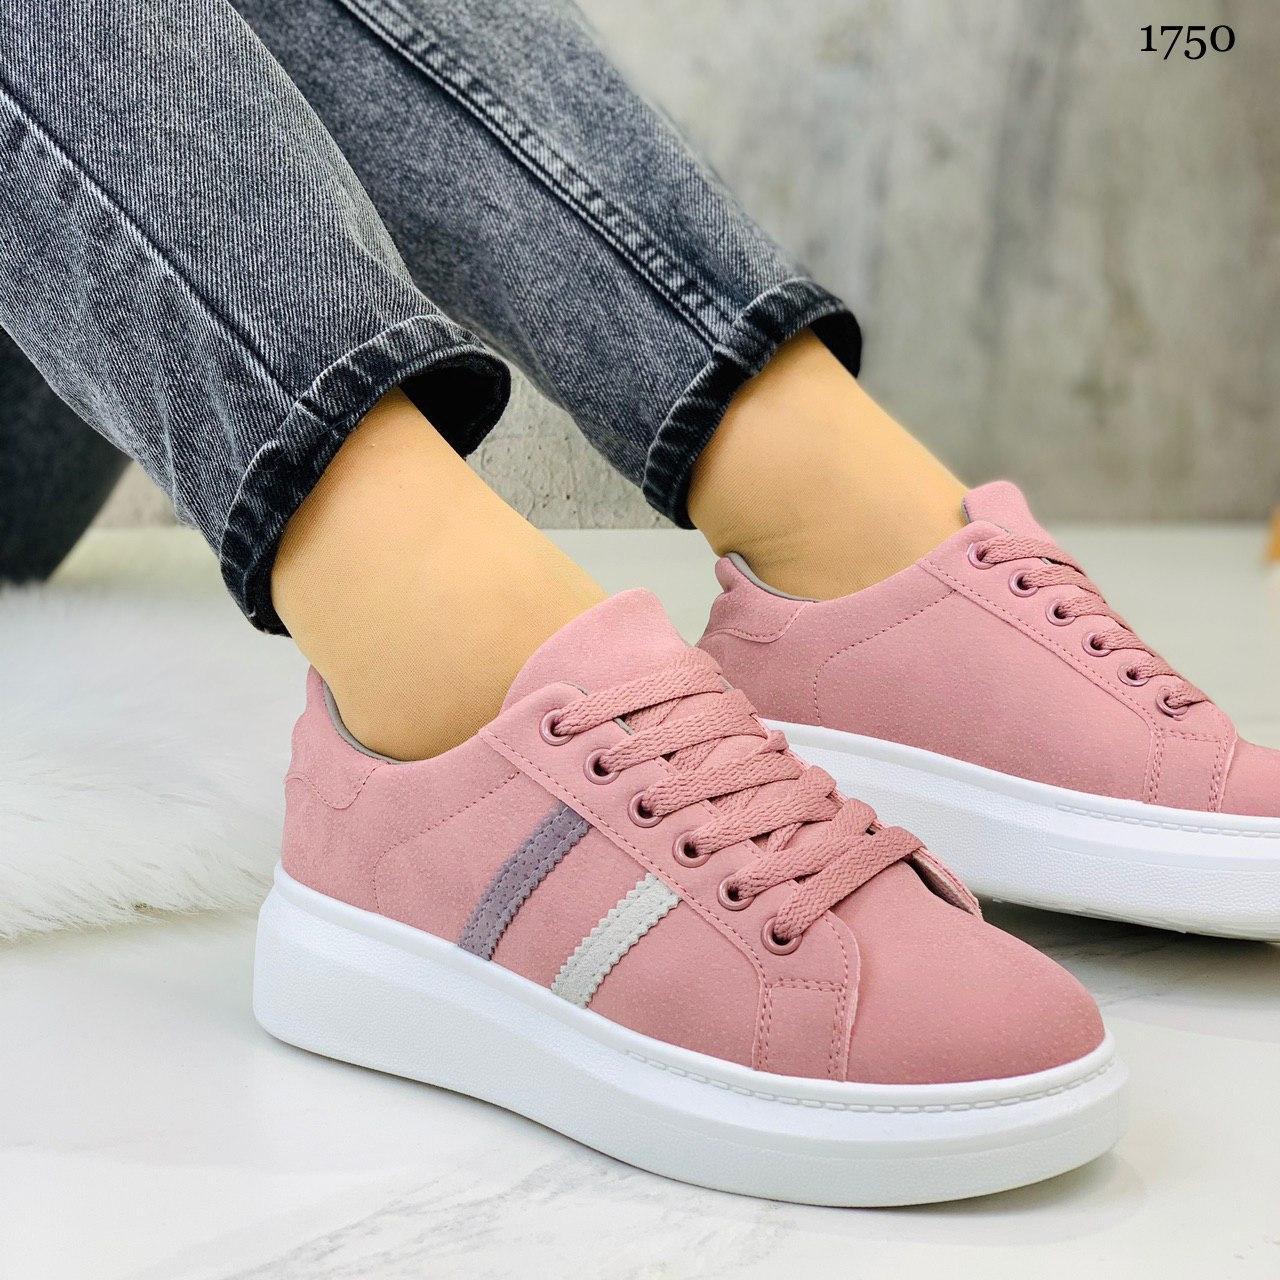 Женские стильные кроссовки розовые / пудра эко -замш